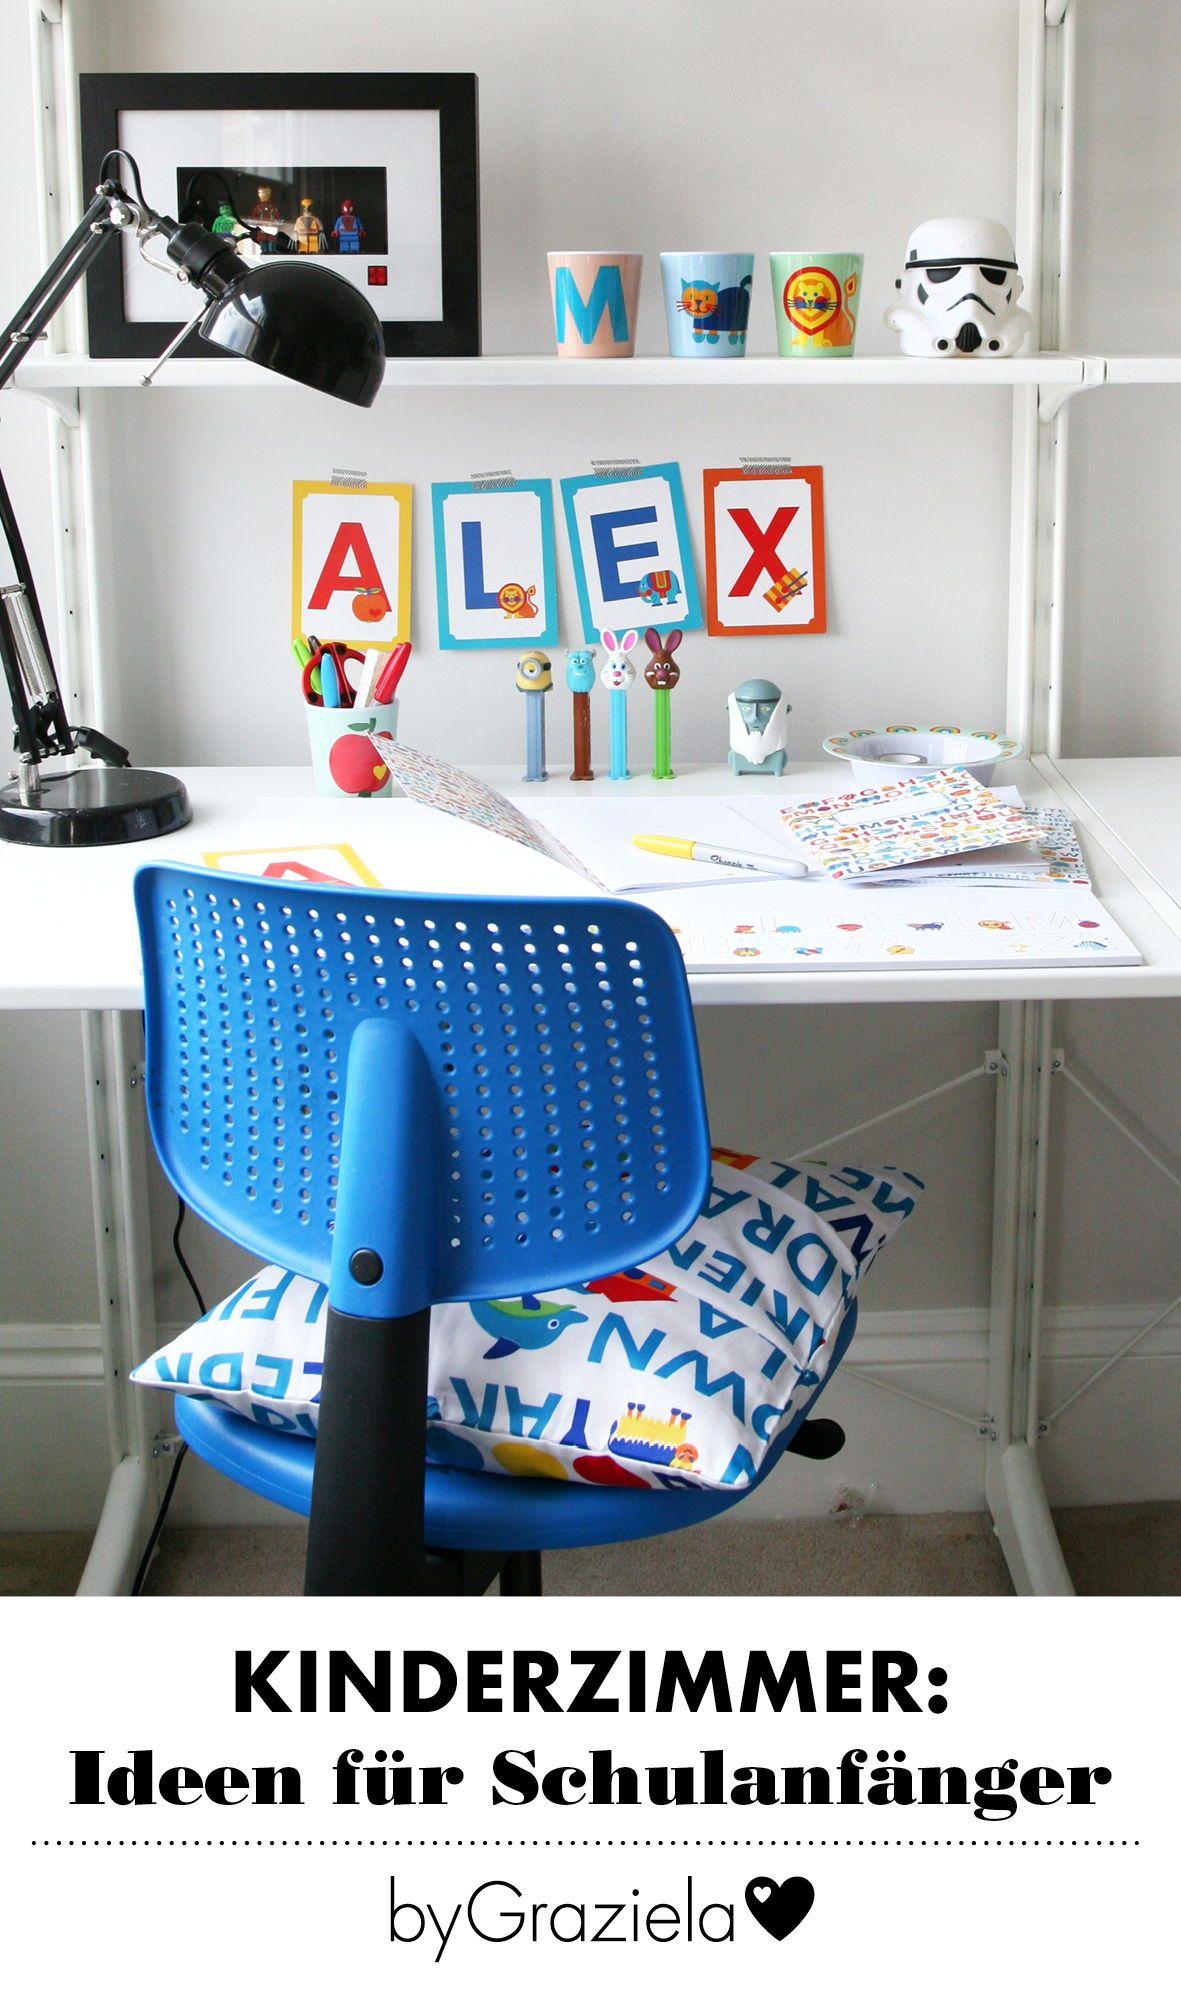 Kinderzimmer für Schulkinder Arbeitszimmer kinder